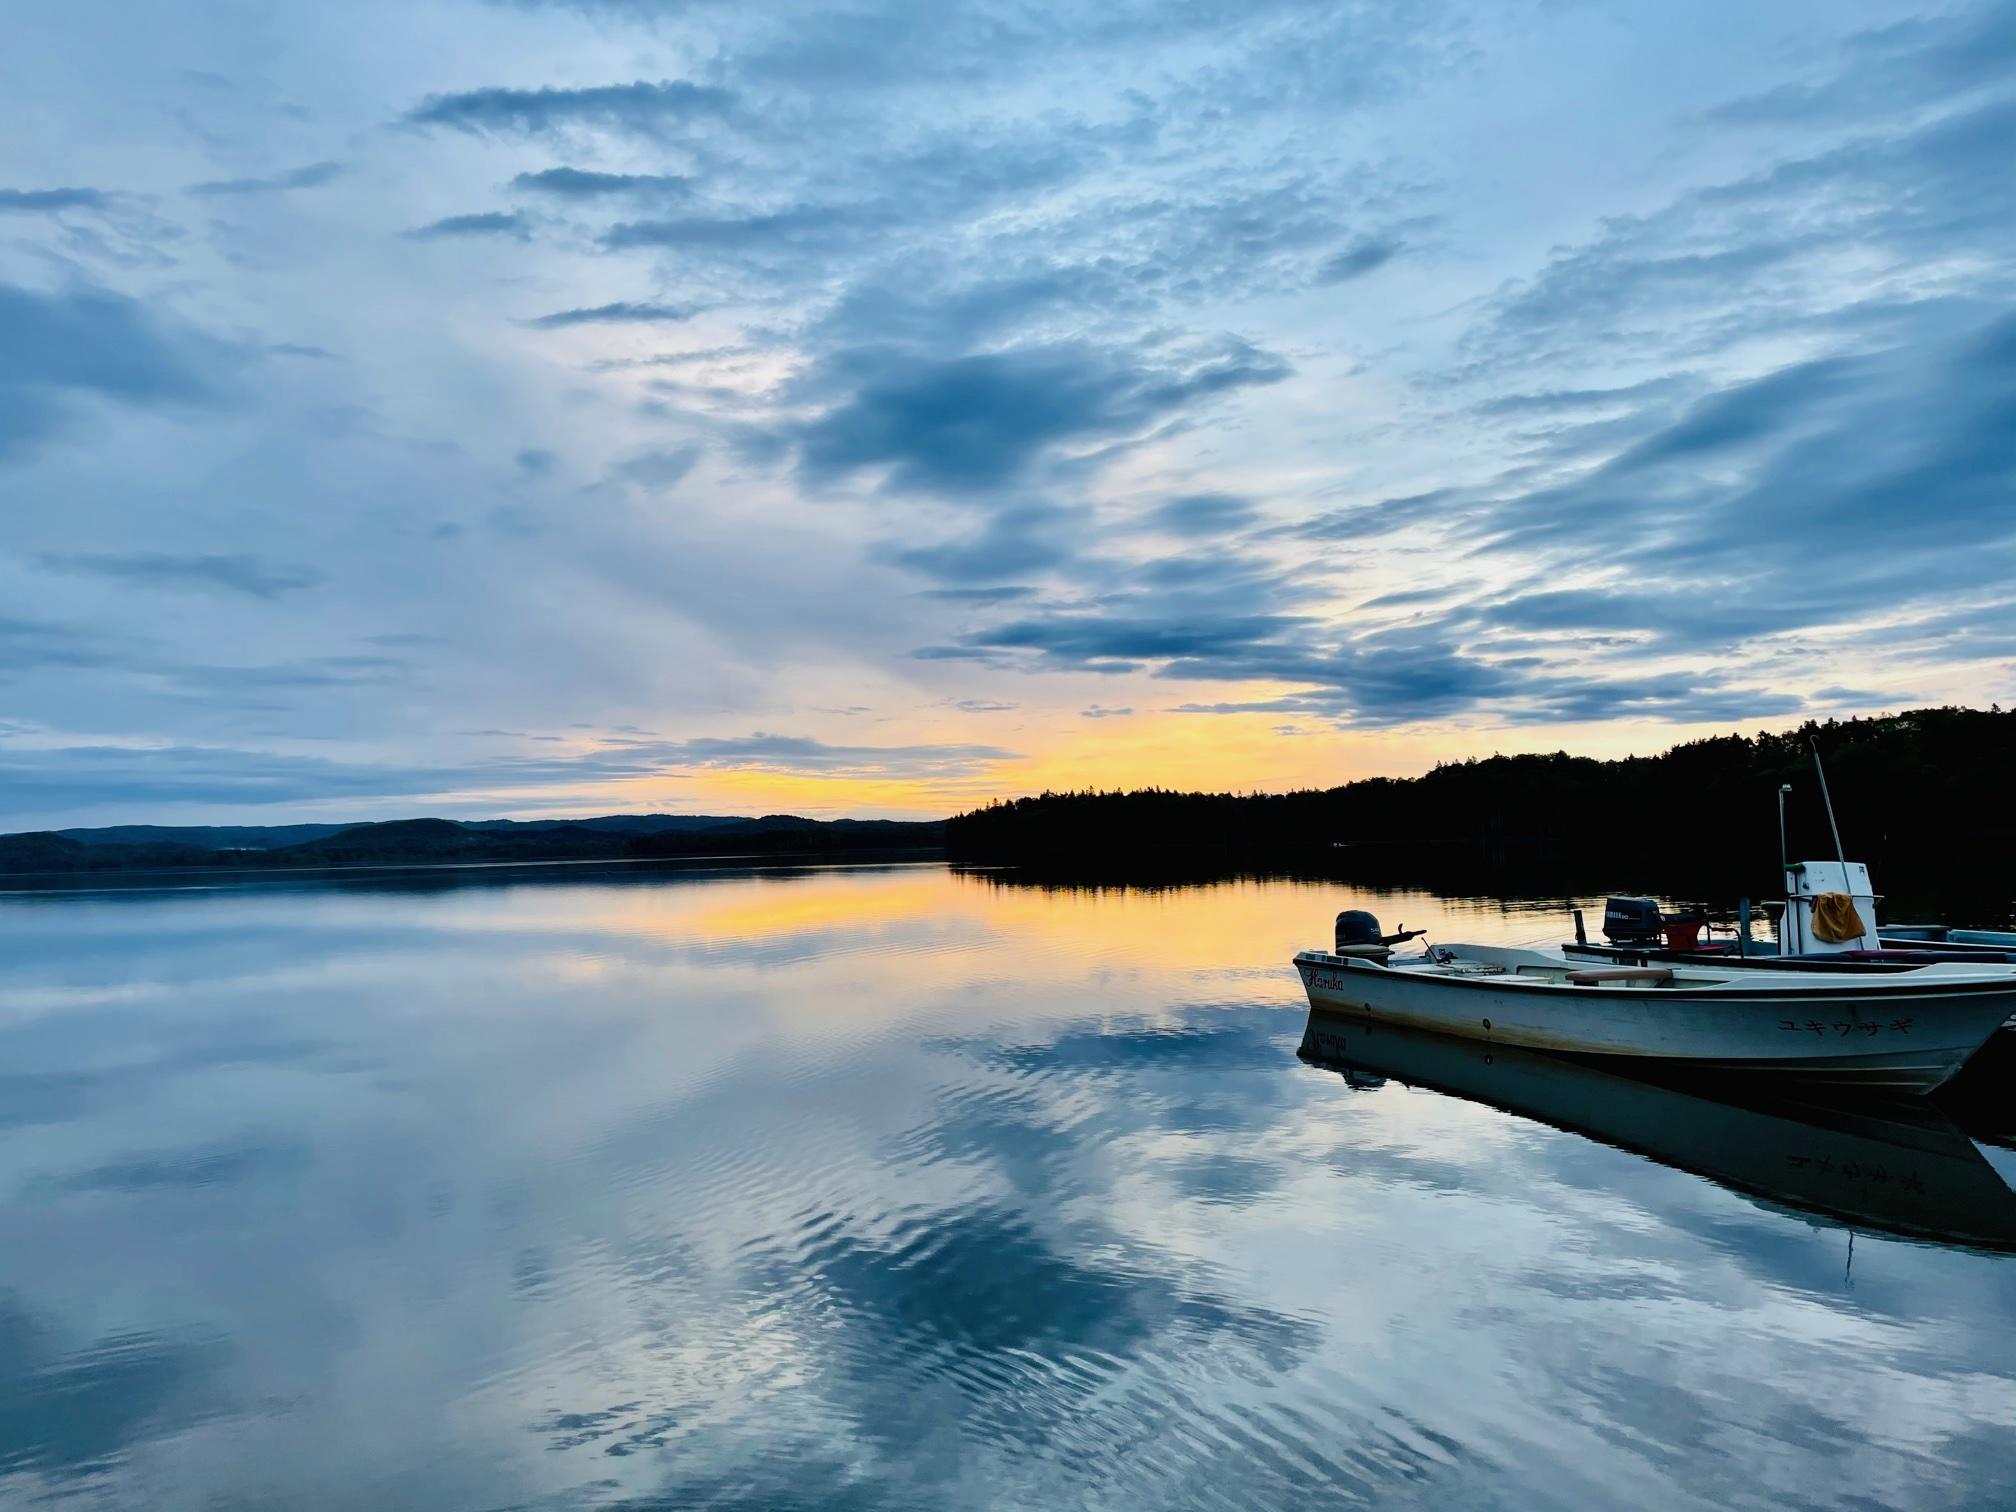 朱鞠内湖は渡船でポイントへ